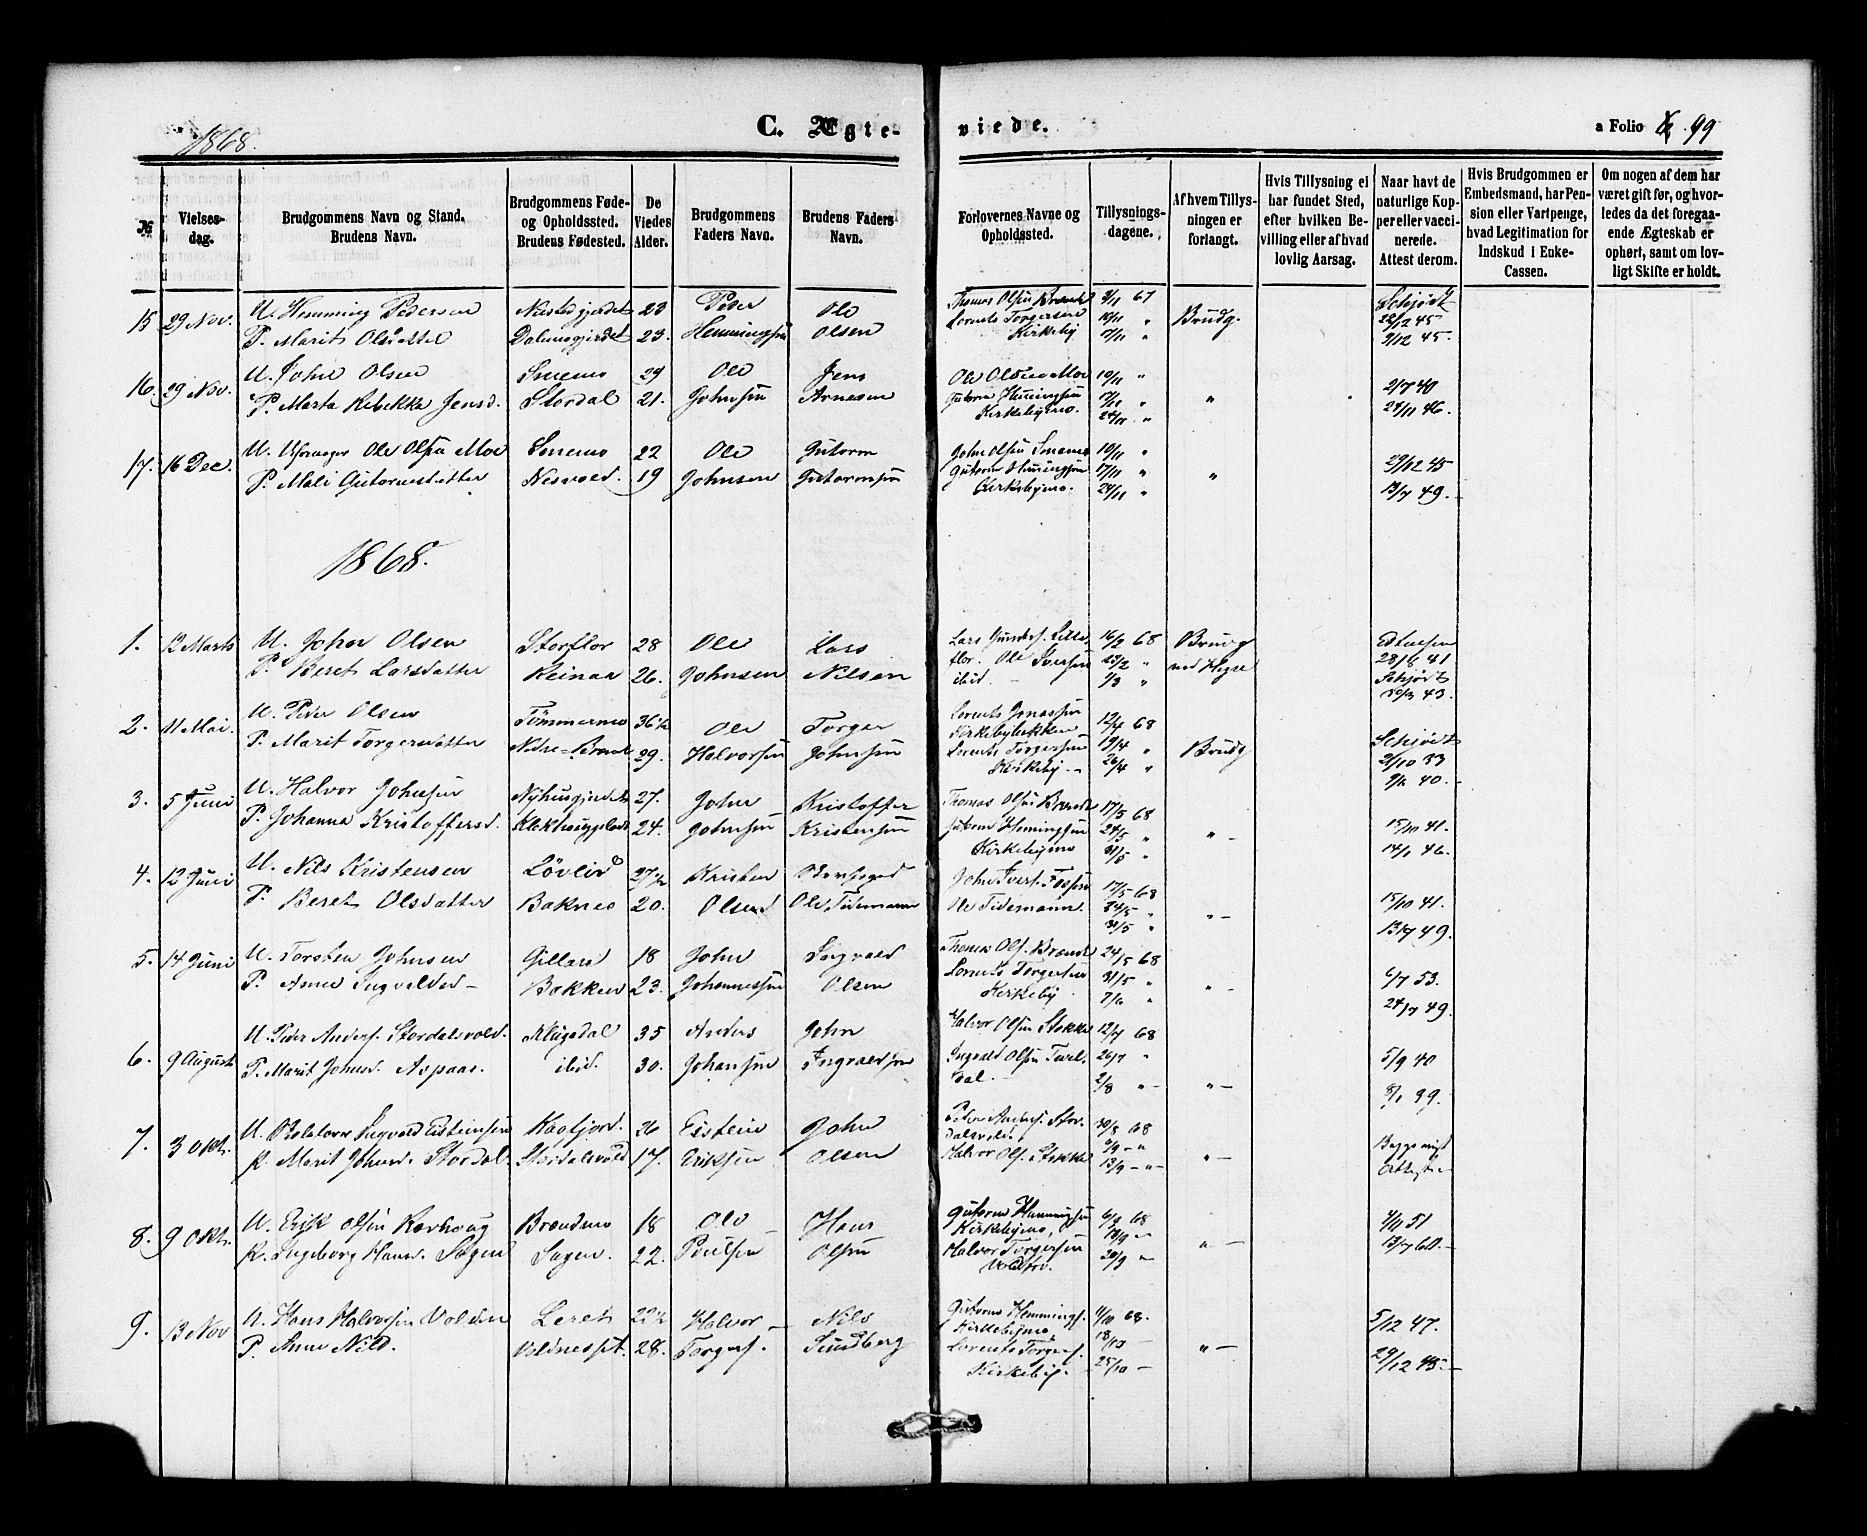 SAT, Ministerialprotokoller, klokkerbøker og fødselsregistre - Nord-Trøndelag, 706/L0041: Ministerialbok nr. 706A02, 1862-1877, s. 99